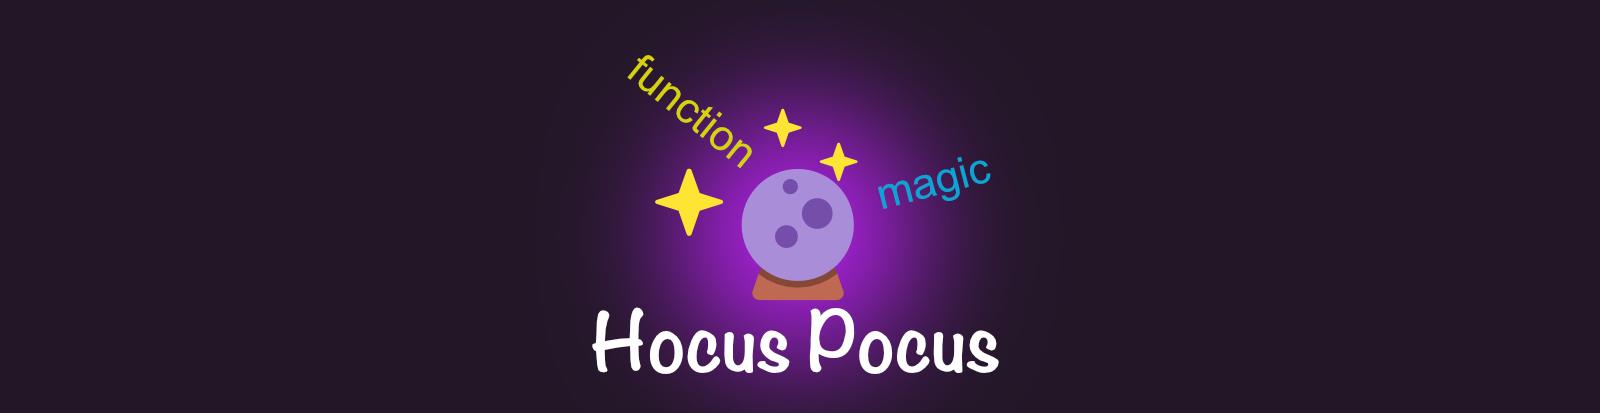 logo-hocus-pocus